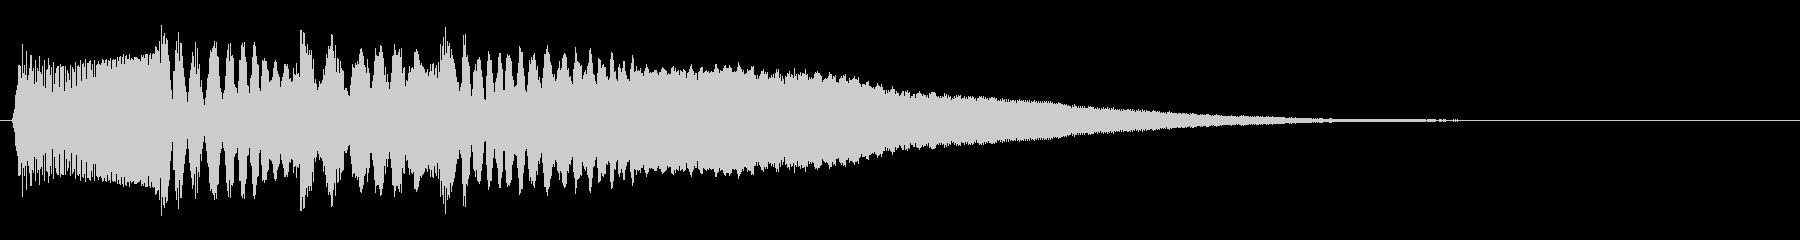 プワァワワァン(コミカル)の未再生の波形